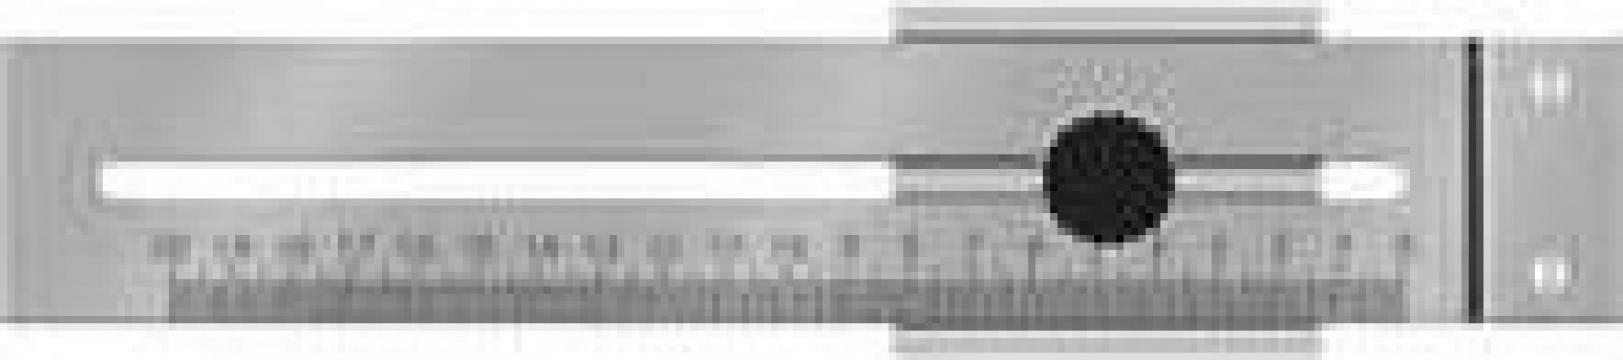 Subler de trasat cu greutate 5522-013 de la Nascom Invest